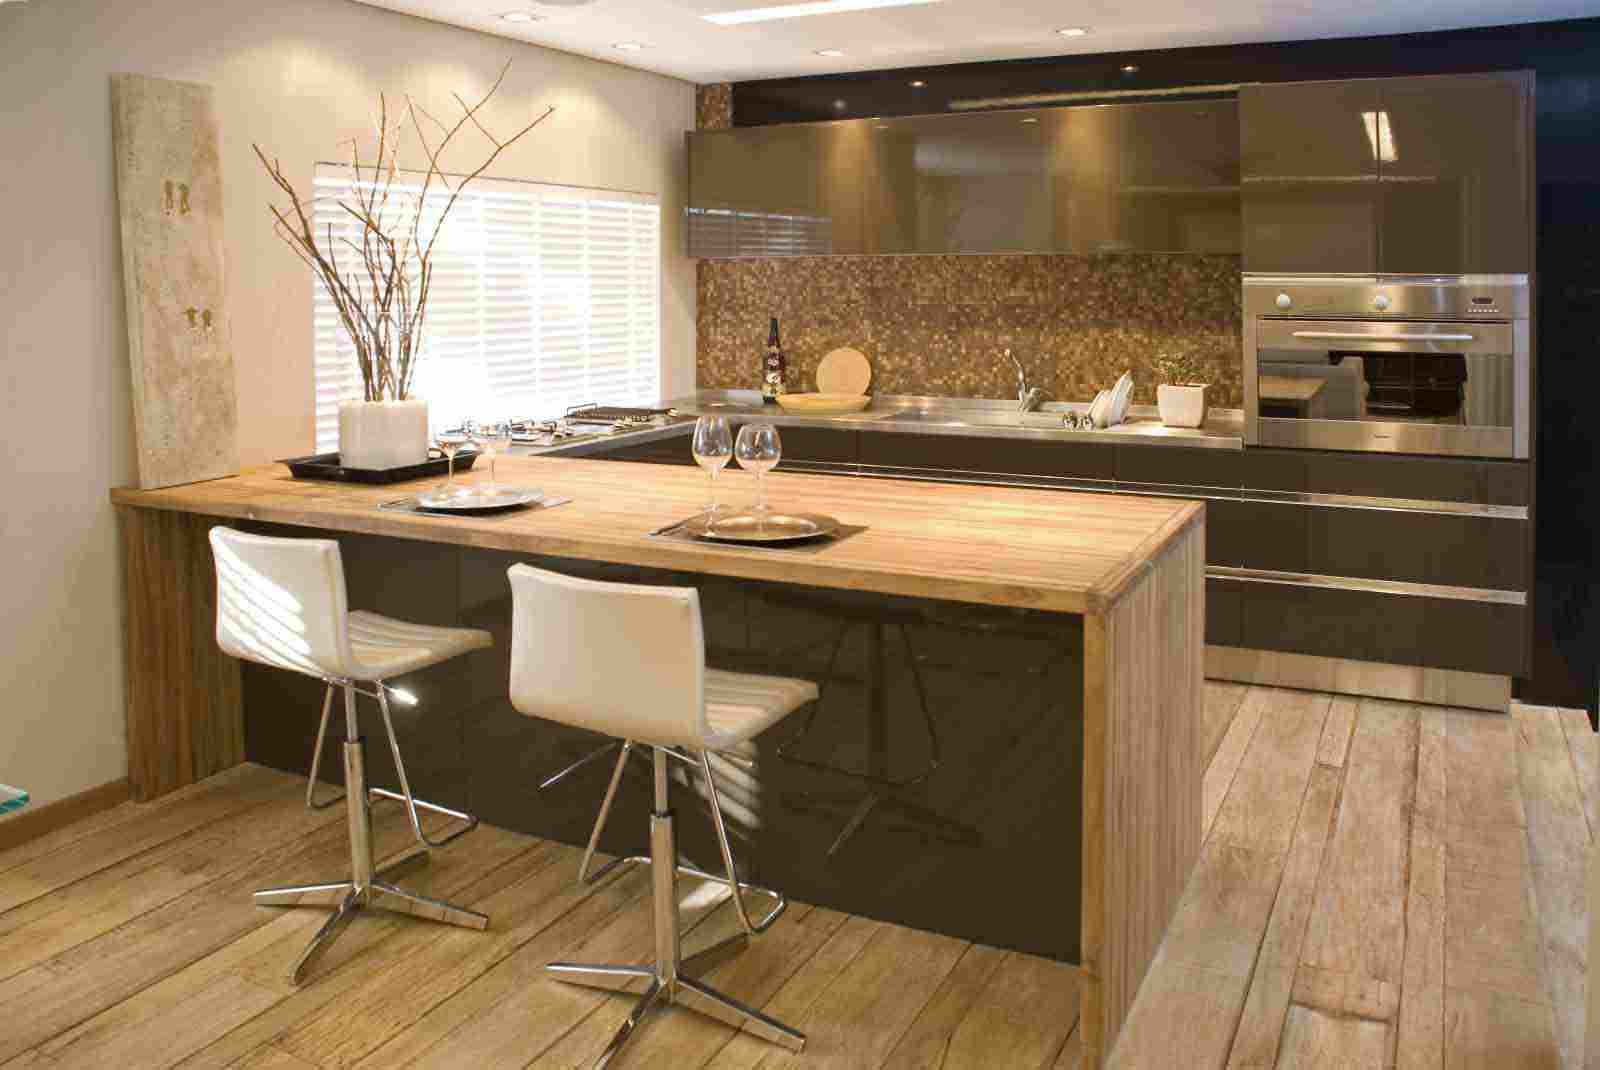 Modelos De Banquetas Para Cozinhas Decorando Casas